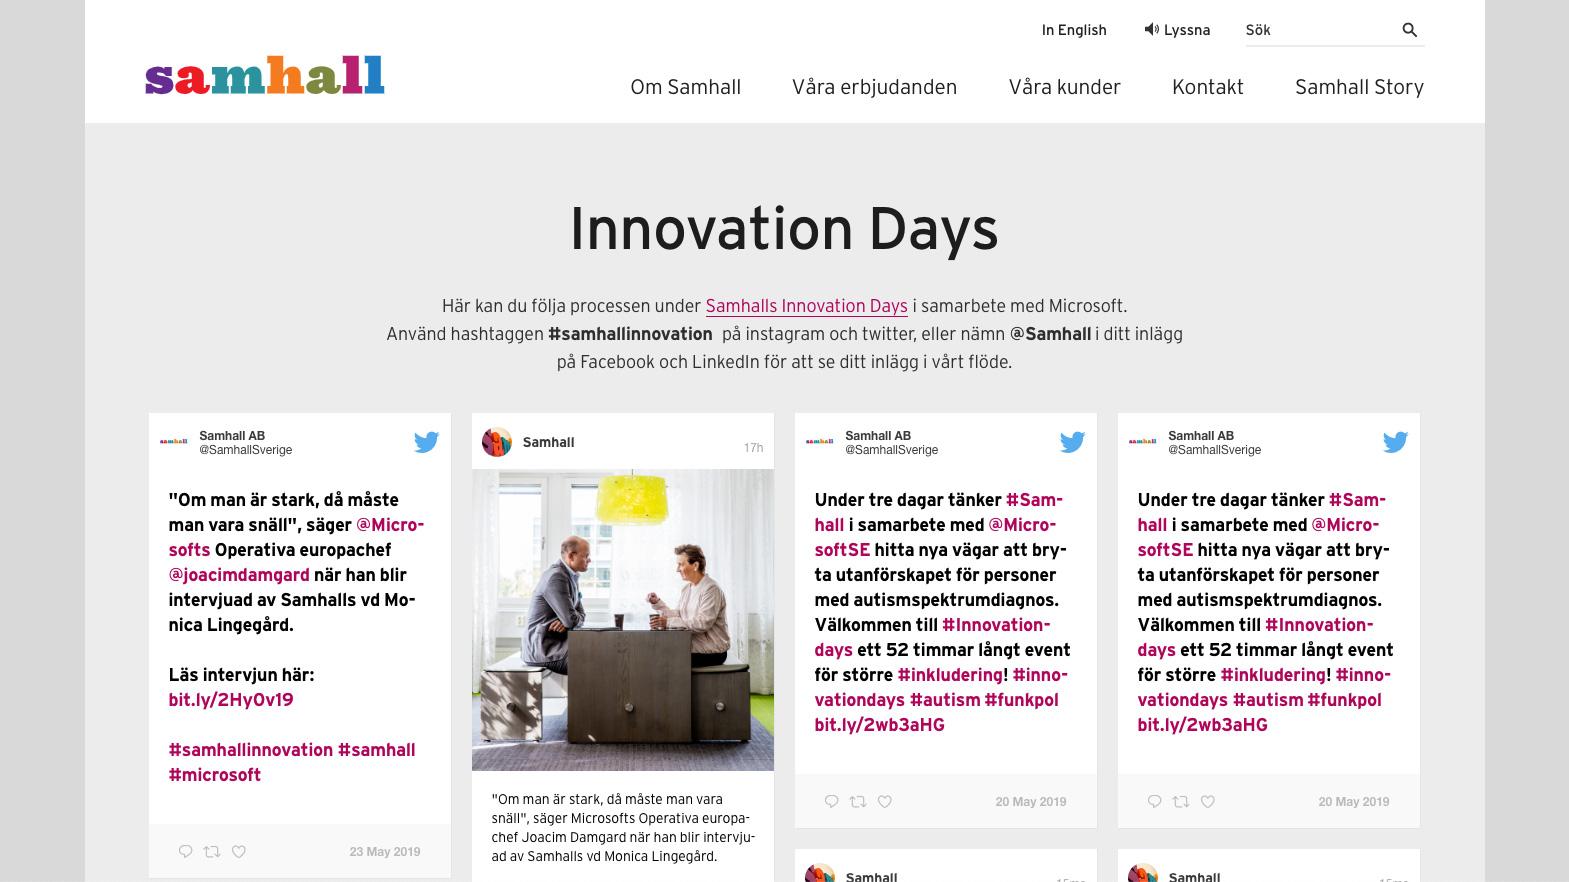 skärmdump från samhalls sociala medier flöde för innovation days